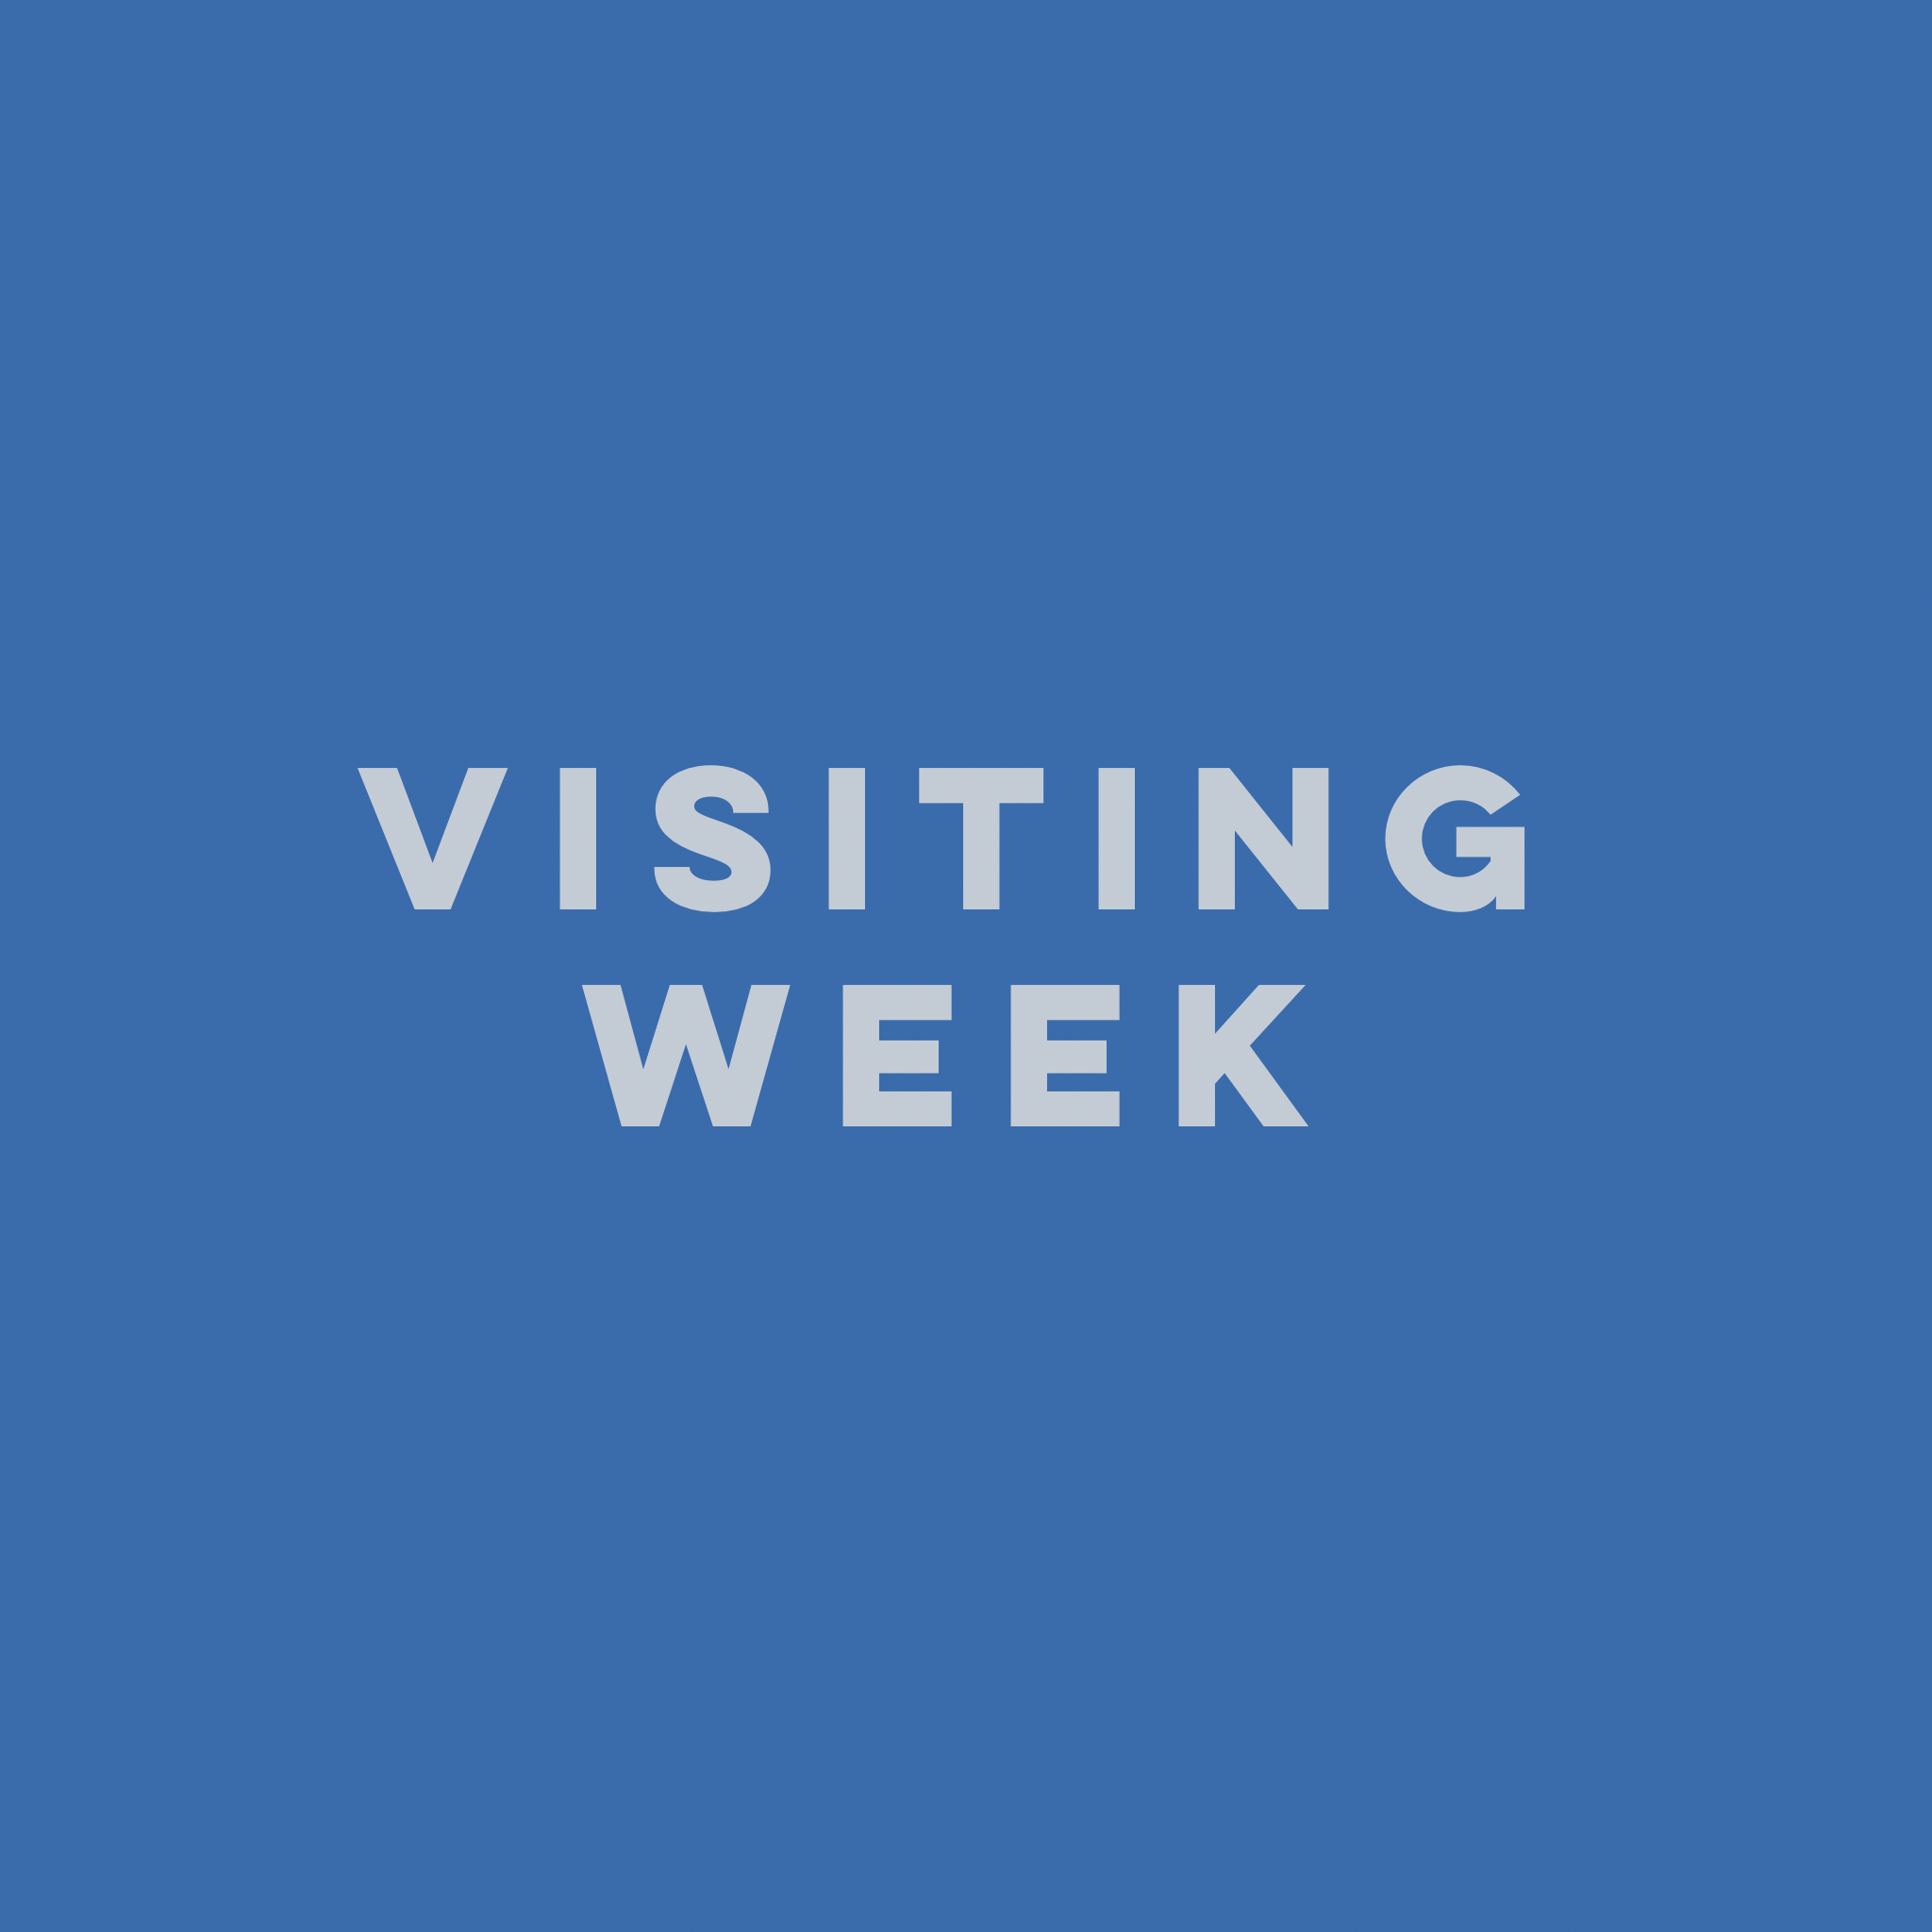 Visiting Week